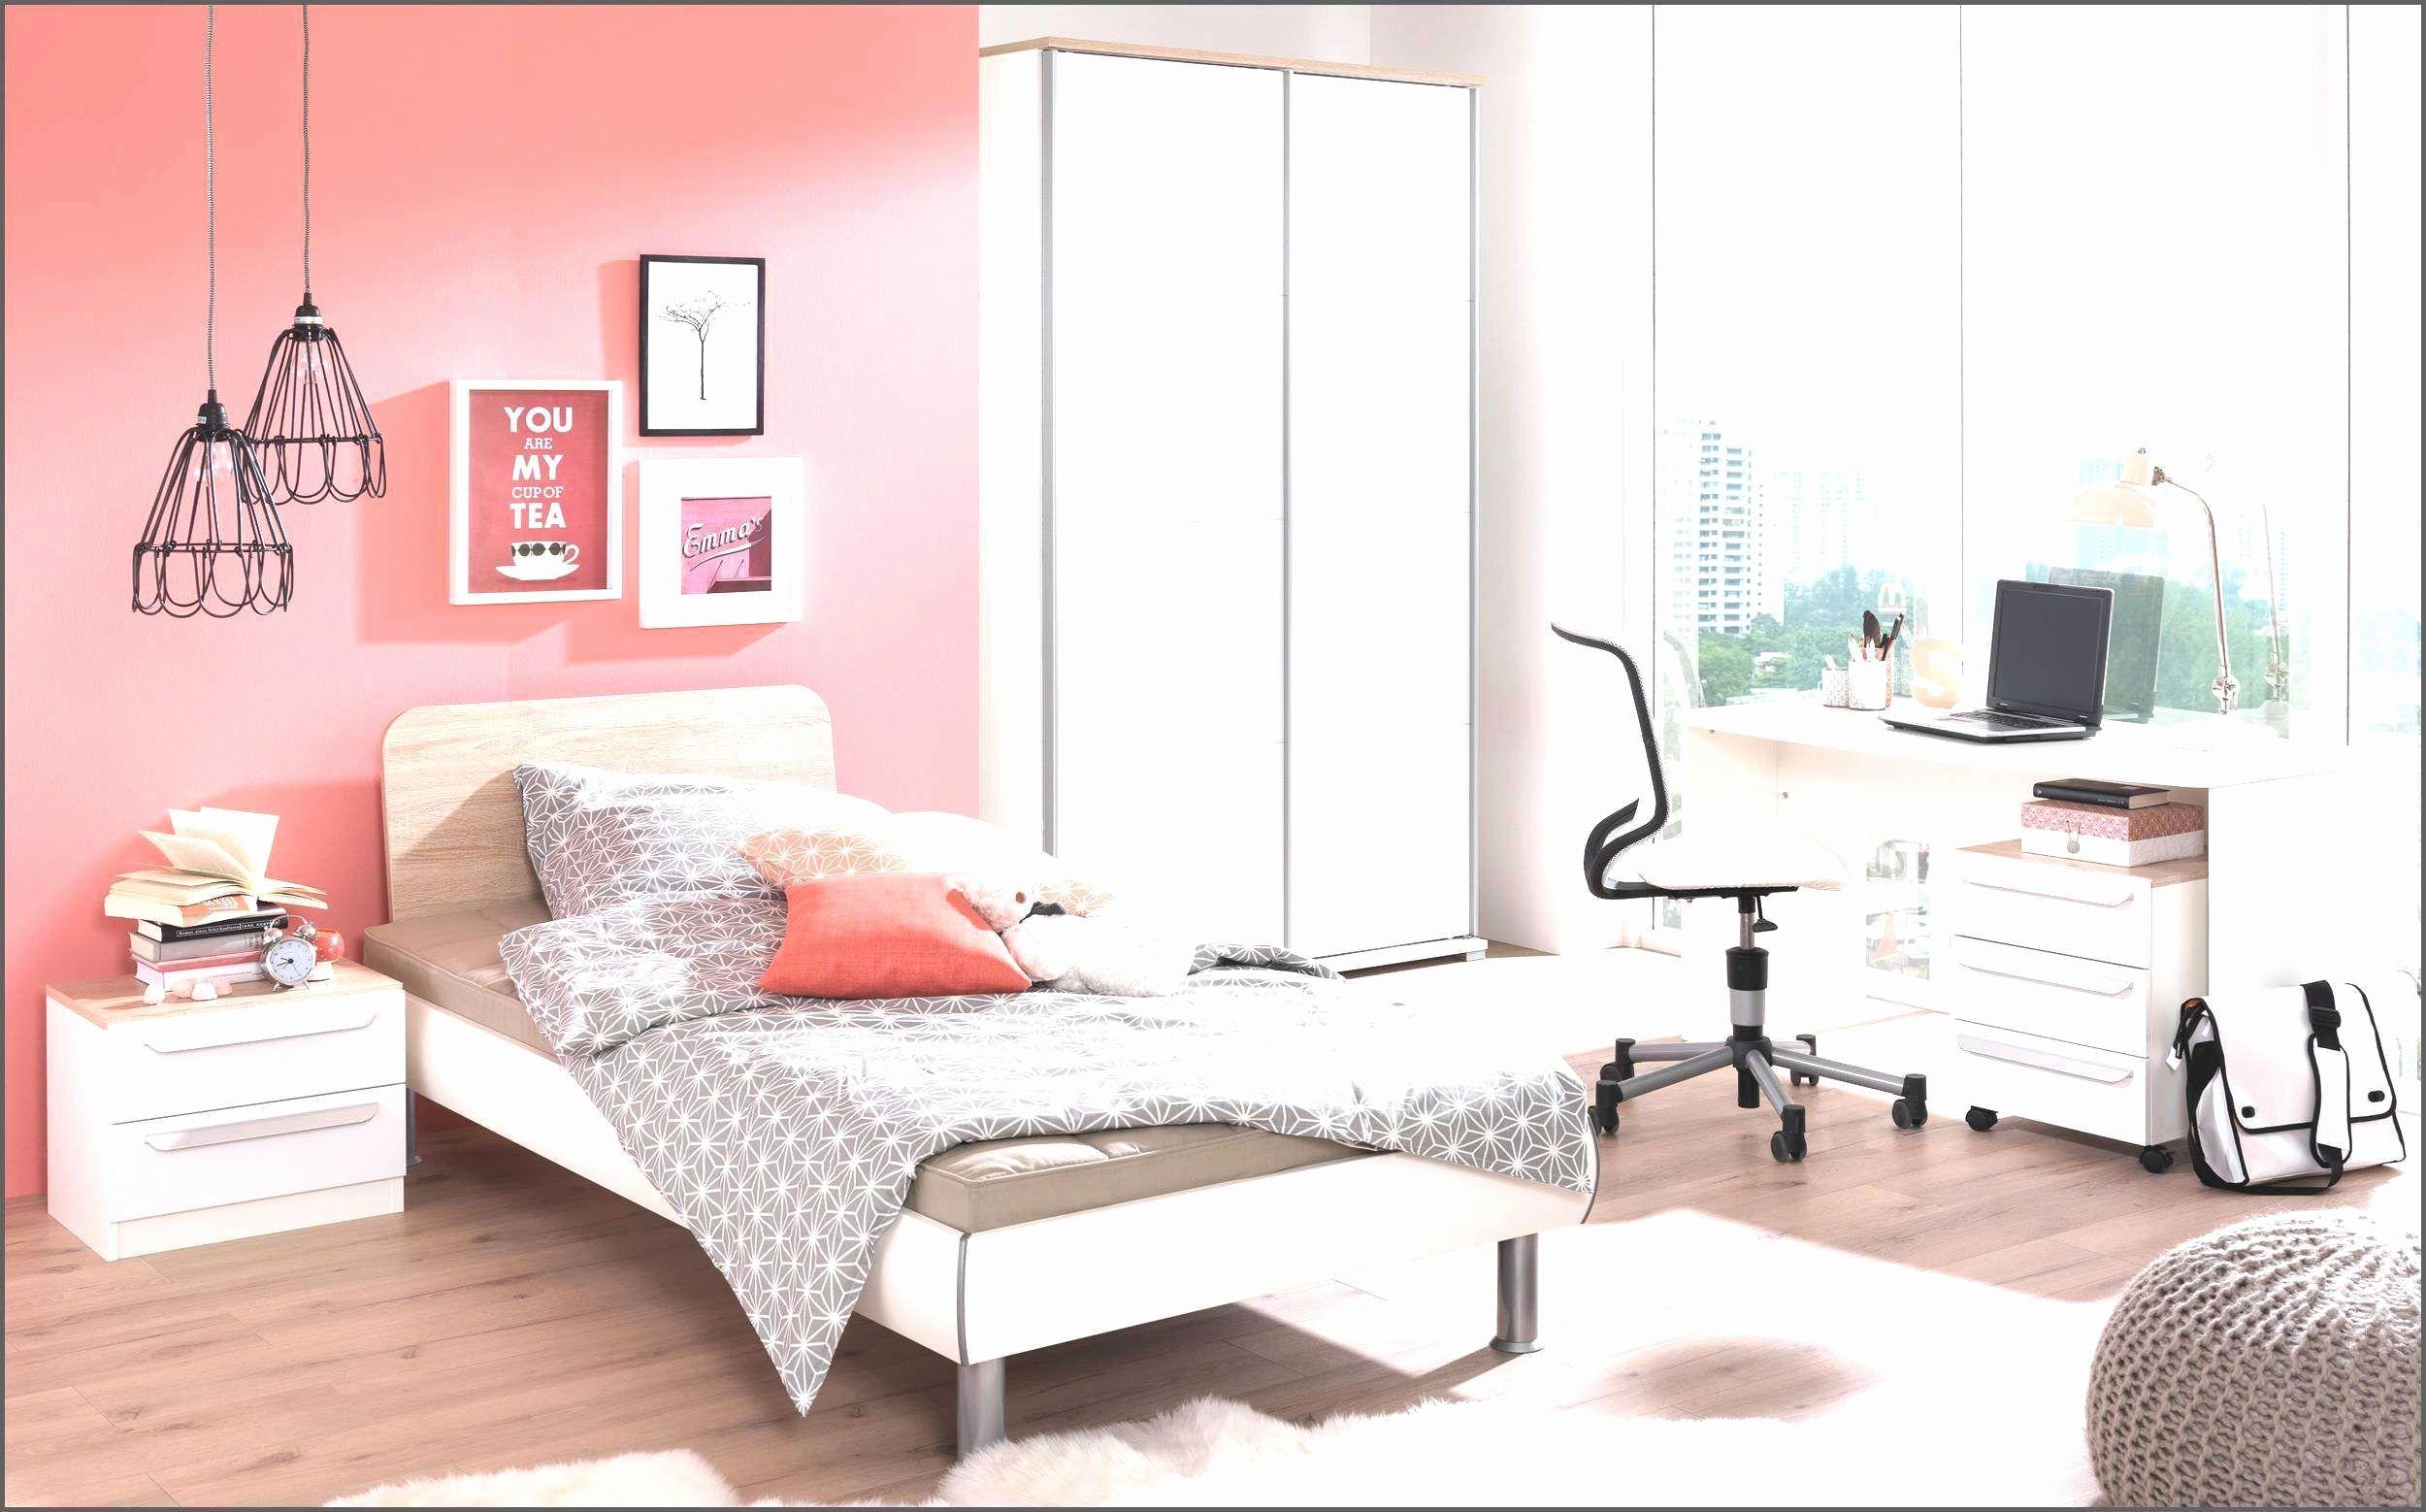 Full Size of Lampe Jugendzimmer Mdchen Ikea Schn Bett Küche Kosten Miniküche Kaufen Betten 160x200 Sofa Modulküche Bei Mit Schlaffunktion Wohnzimmer Jugendzimmer Ikea